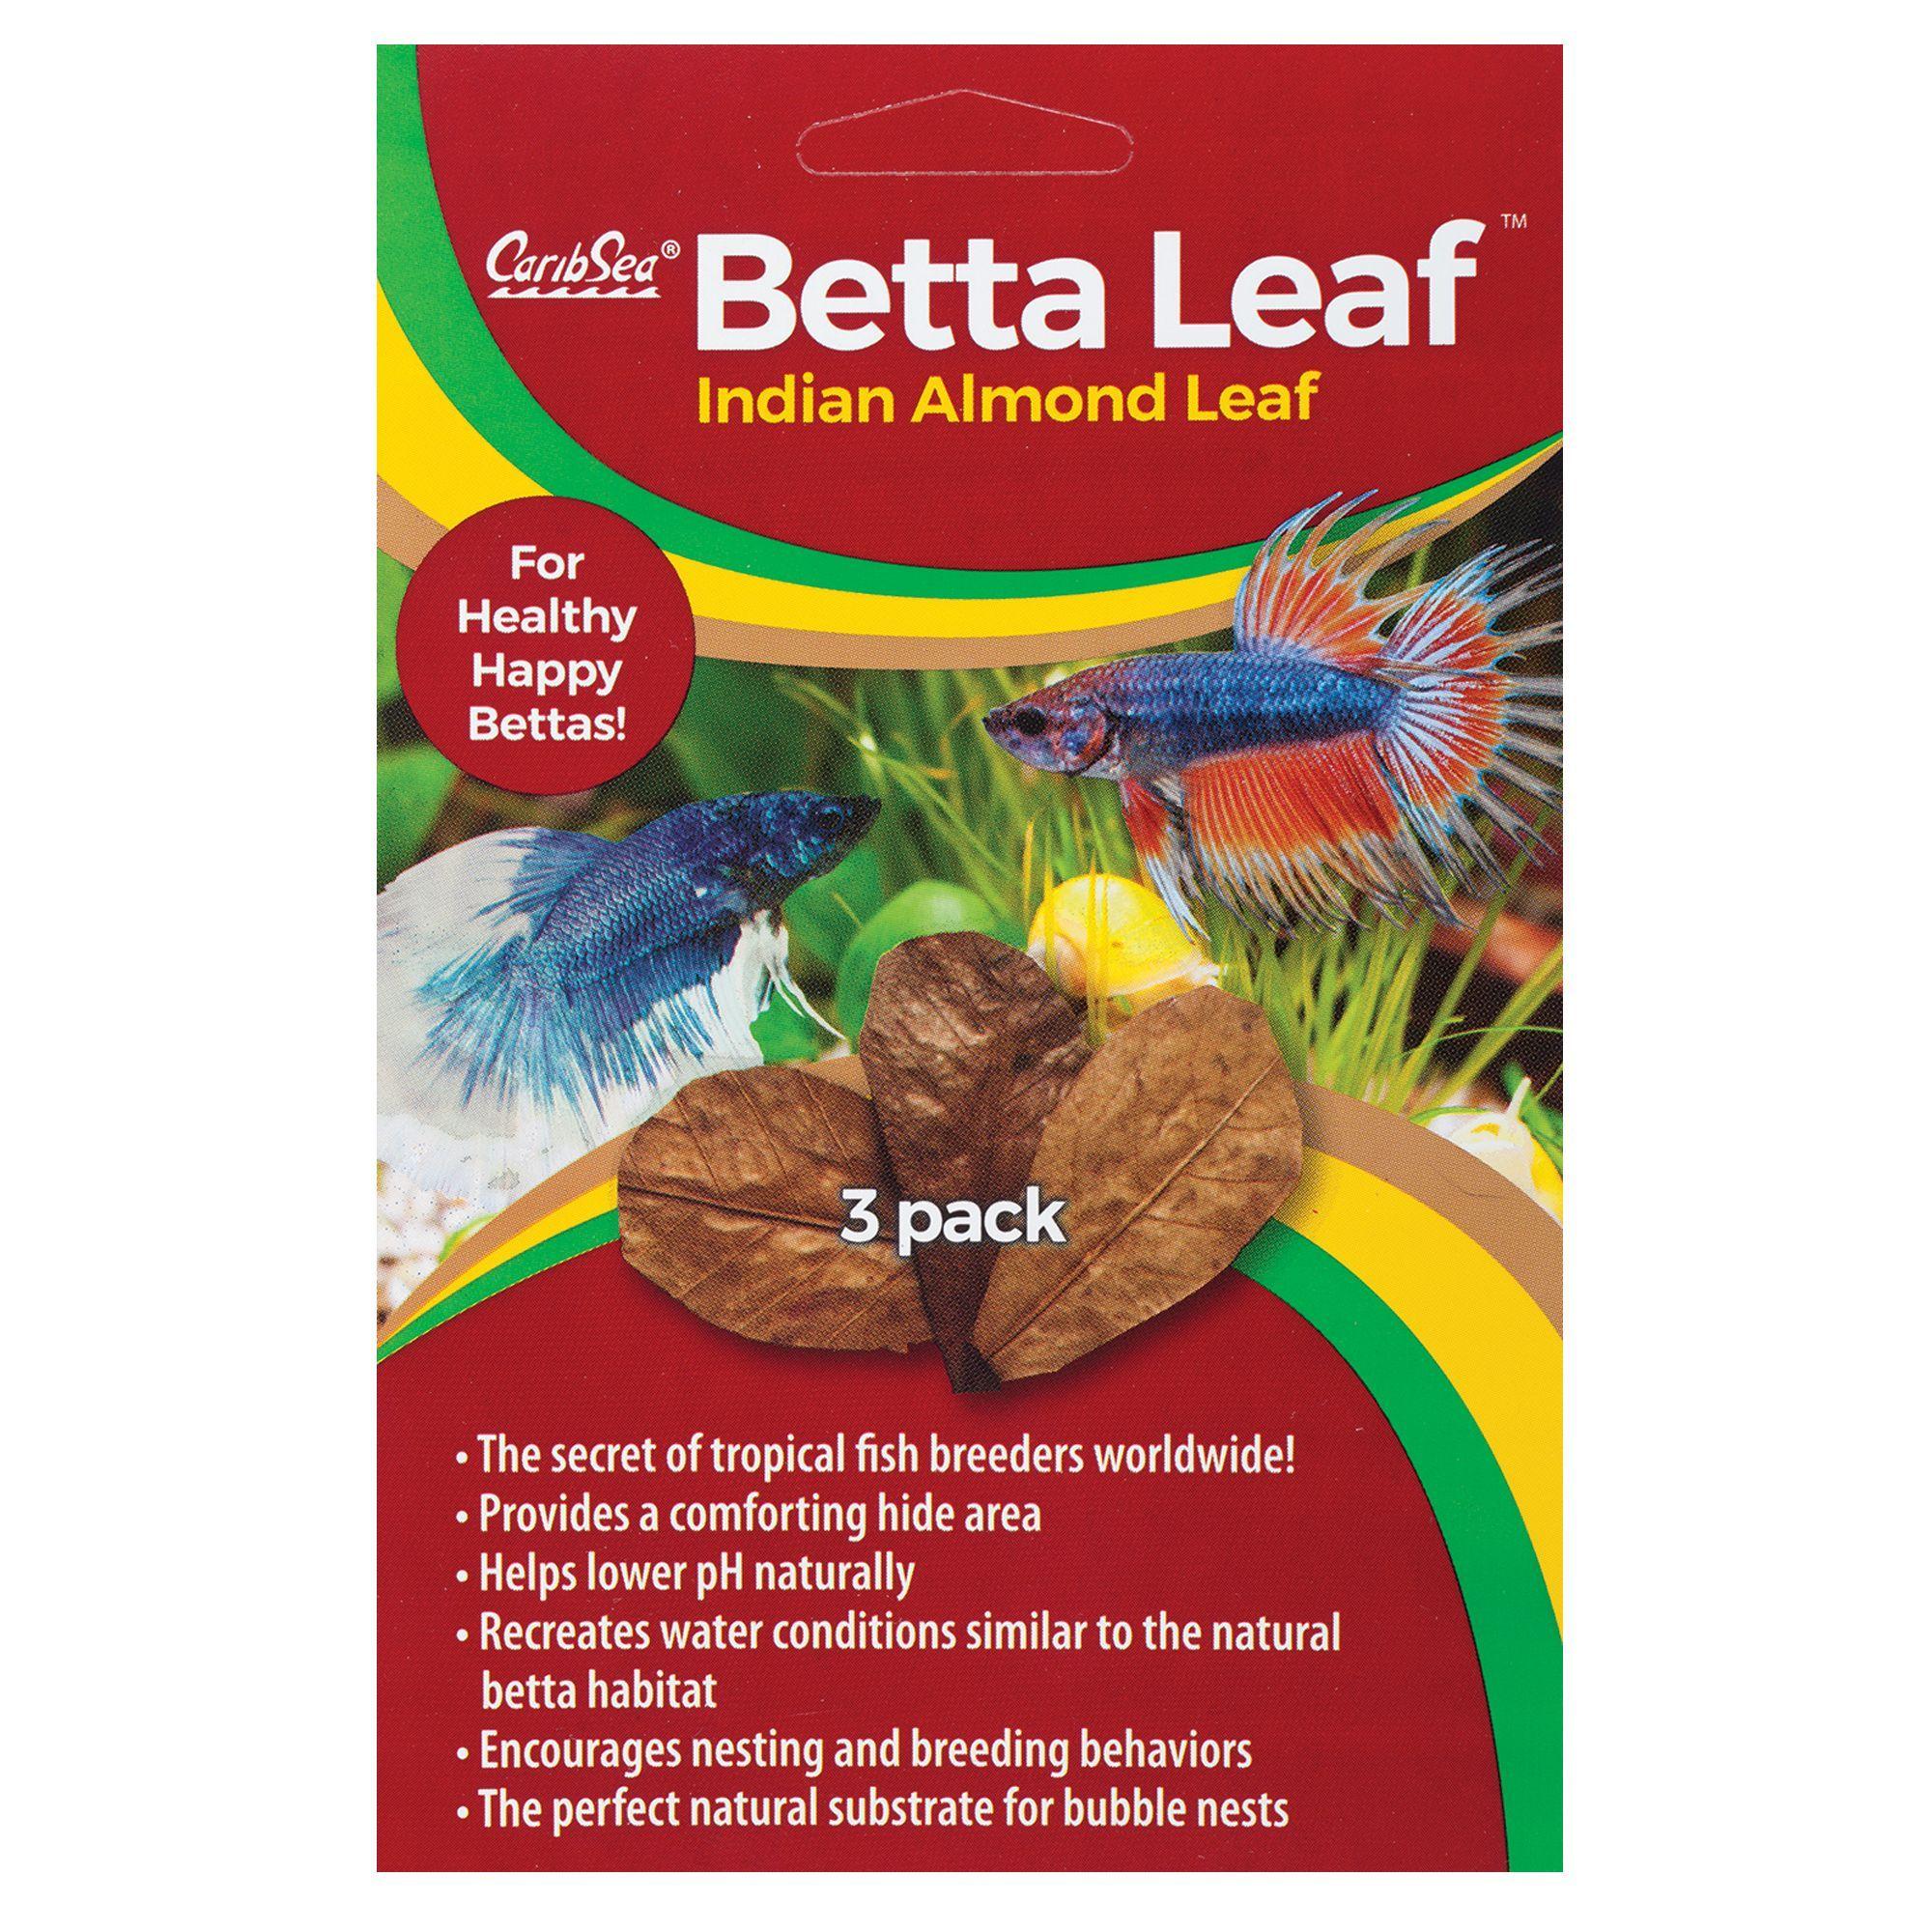 Caribsea Betta Leaf In 2020 Betta Betta Food Fish Tank Accessories